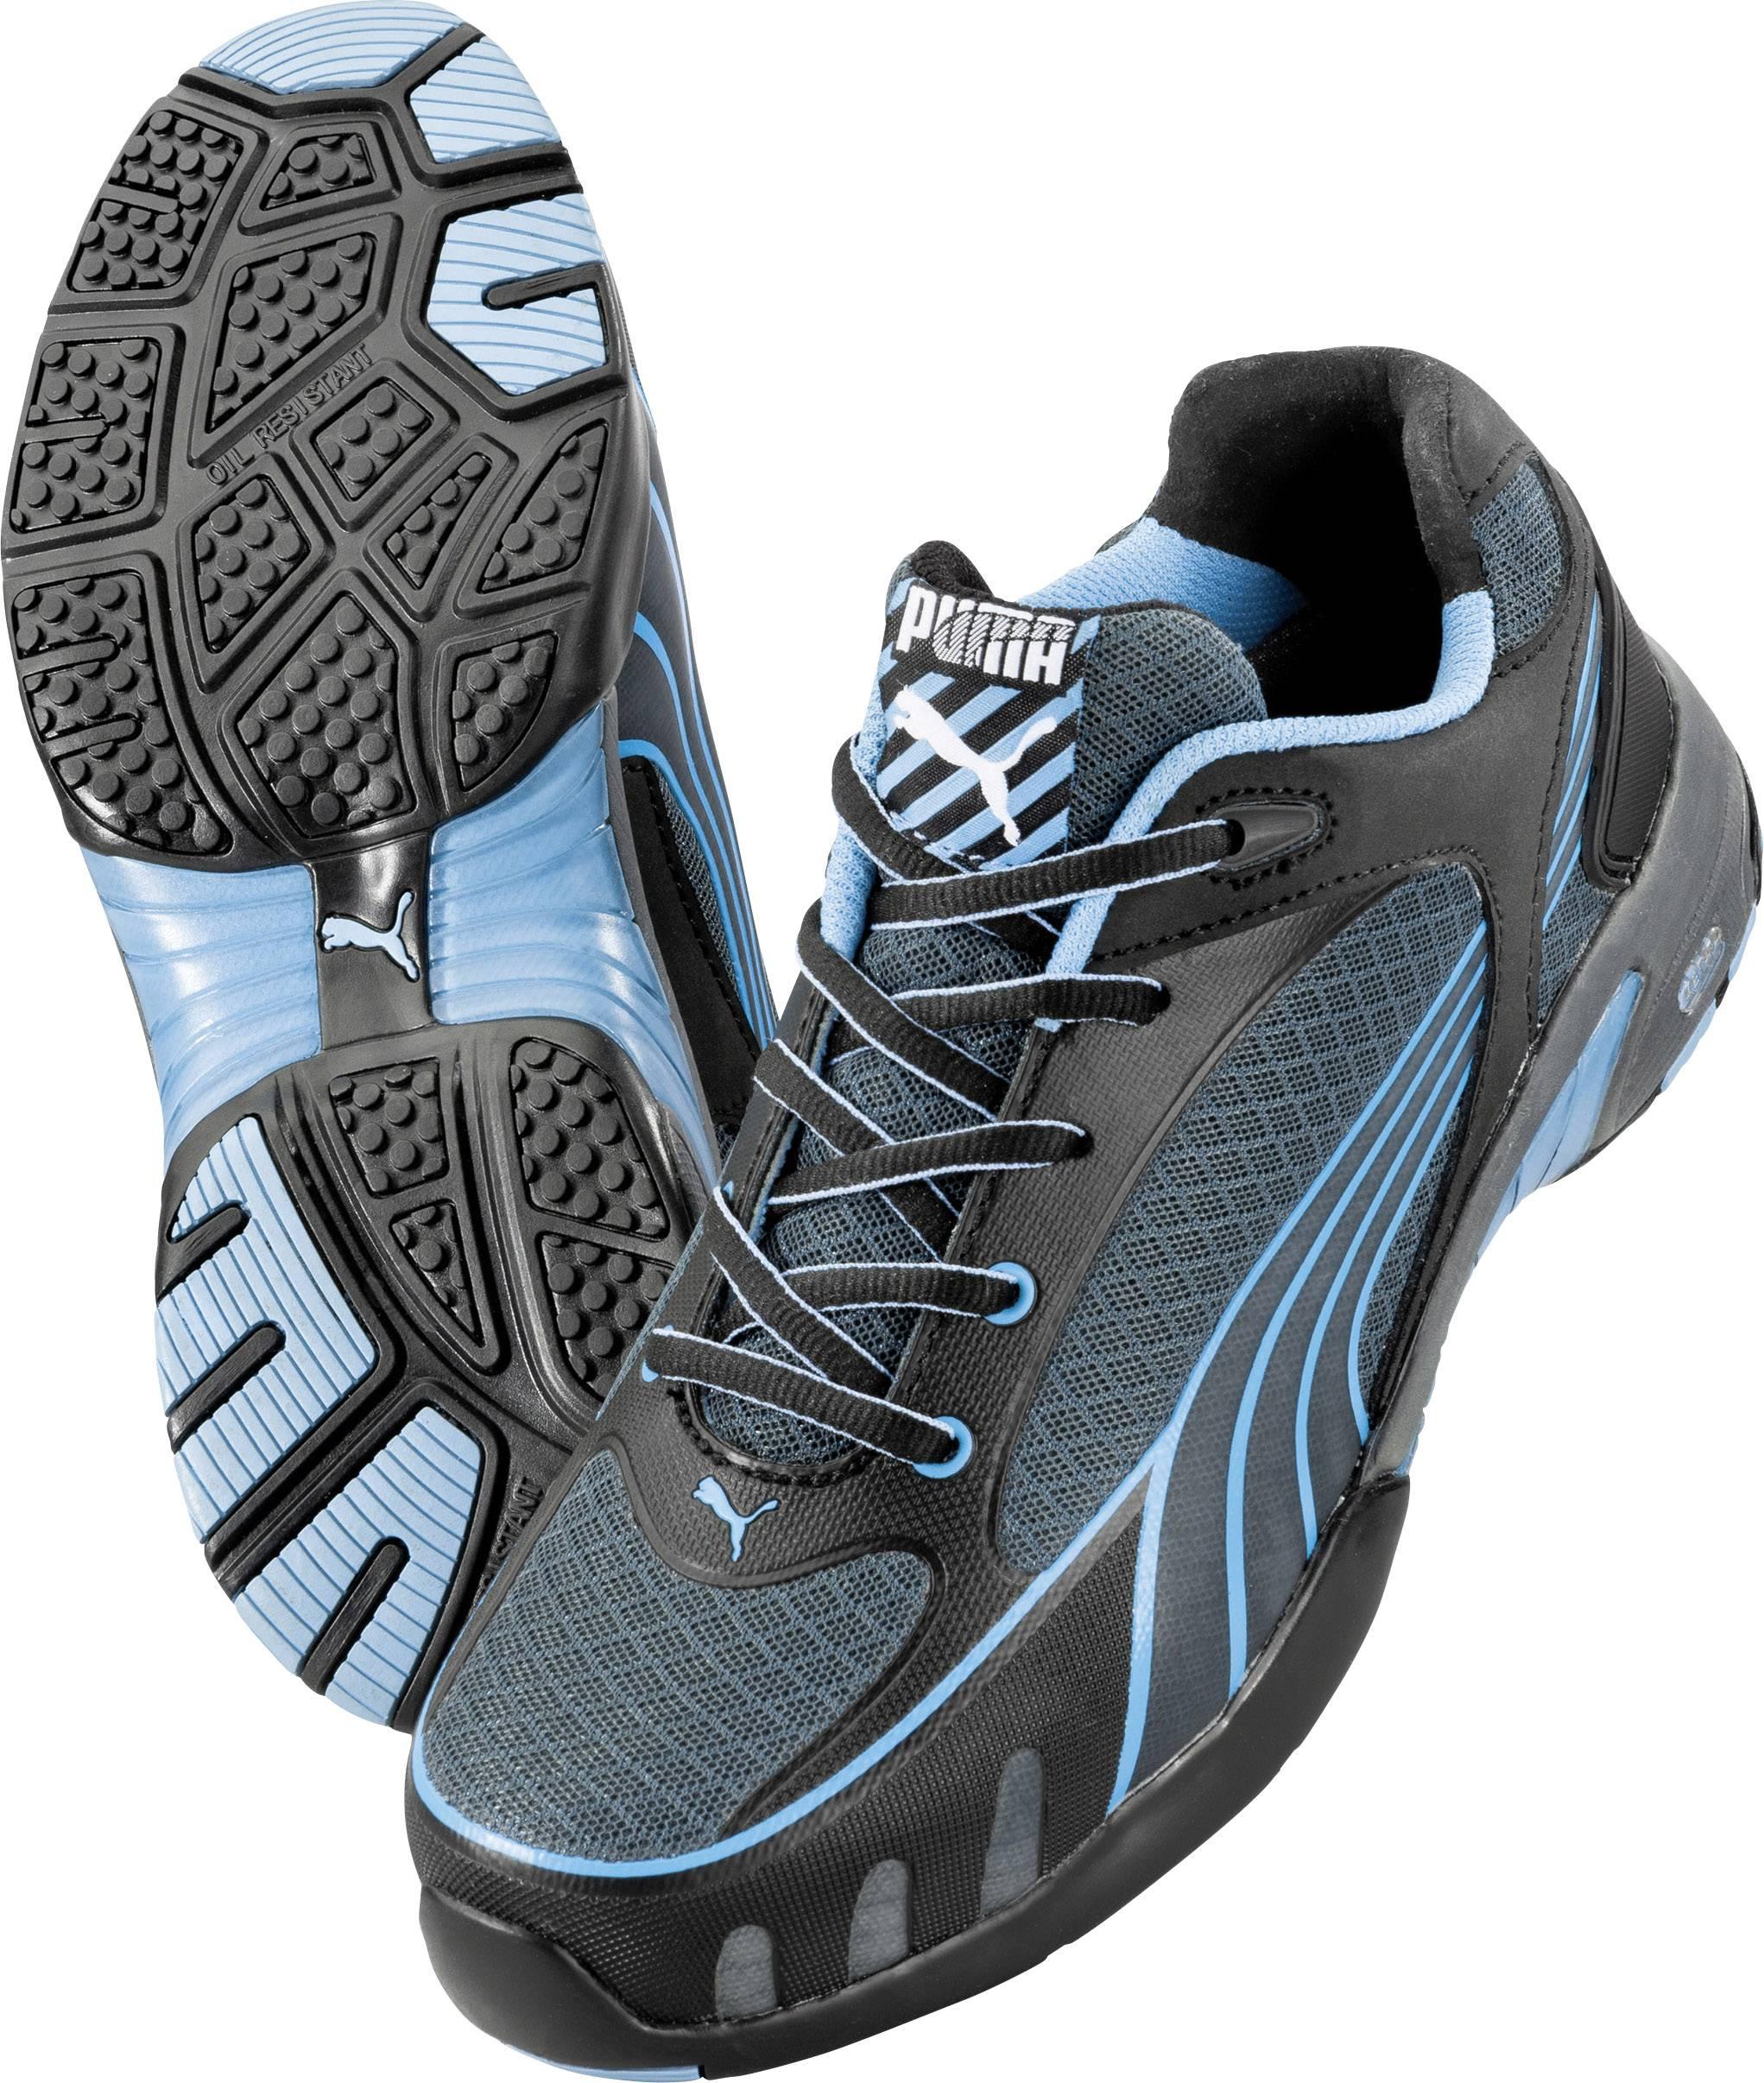 PUMA Safety Fuse Motion Blue Wns Low 642820 Sikkerhedssko S1 Størrelse: 38 Sort, Blå 1 pair